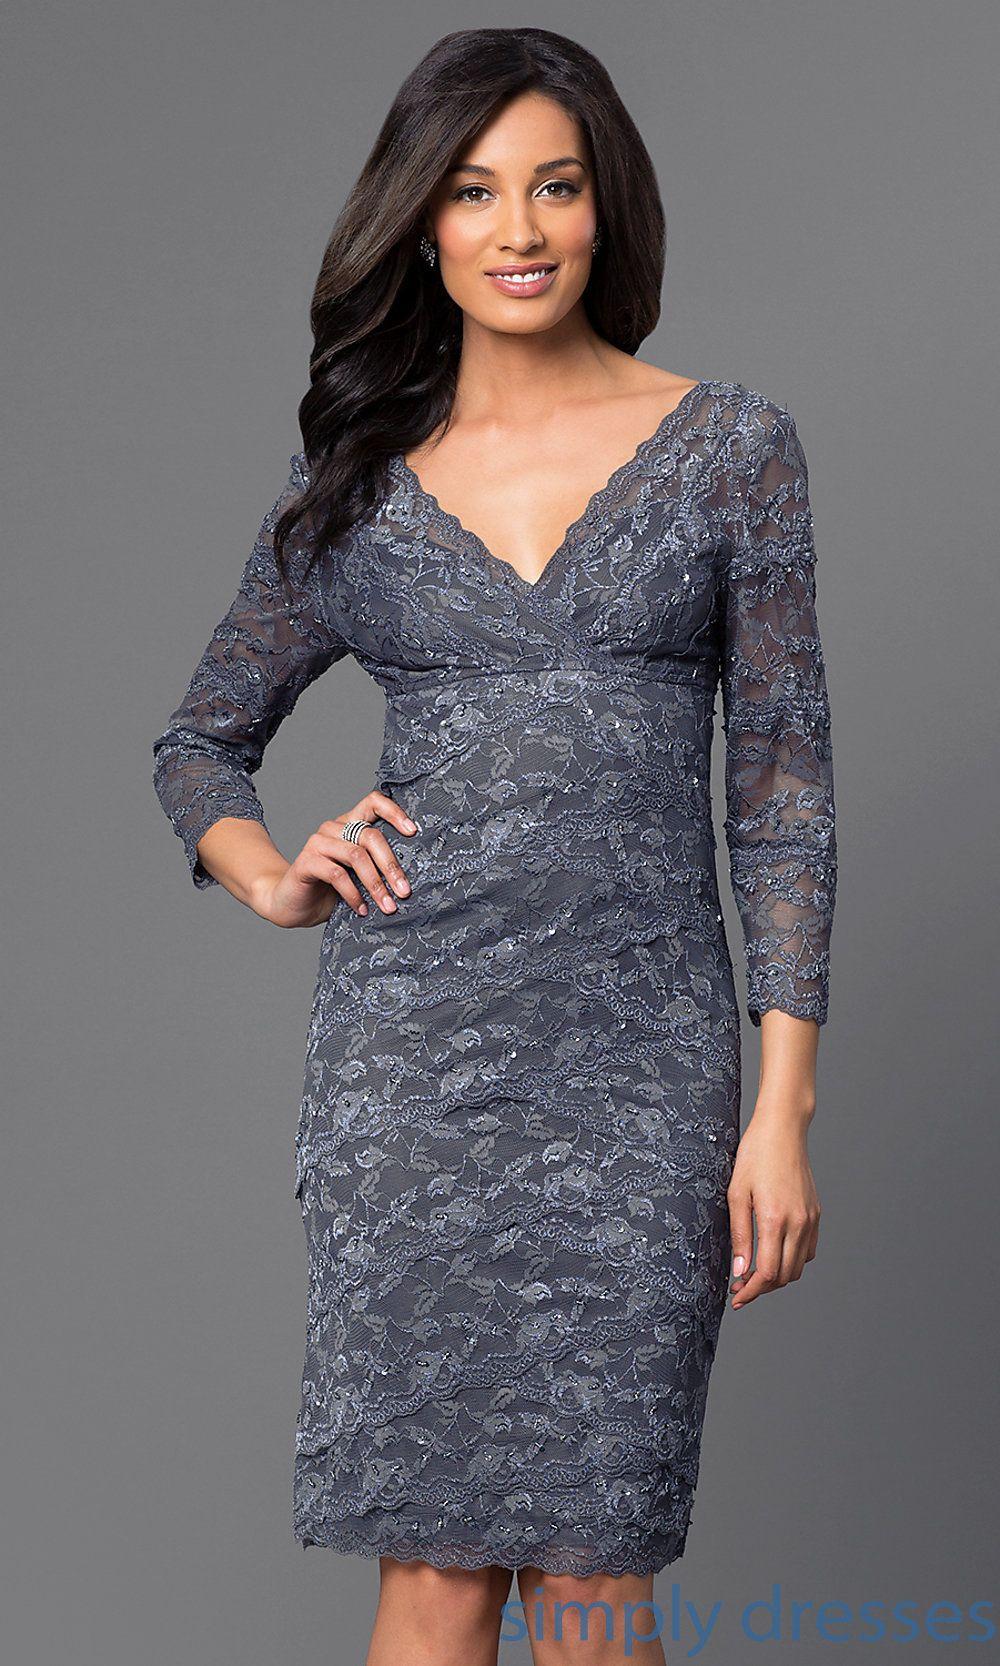 56d4799d2ff 3 4 Sleeve Short Lace Cocktail Dress